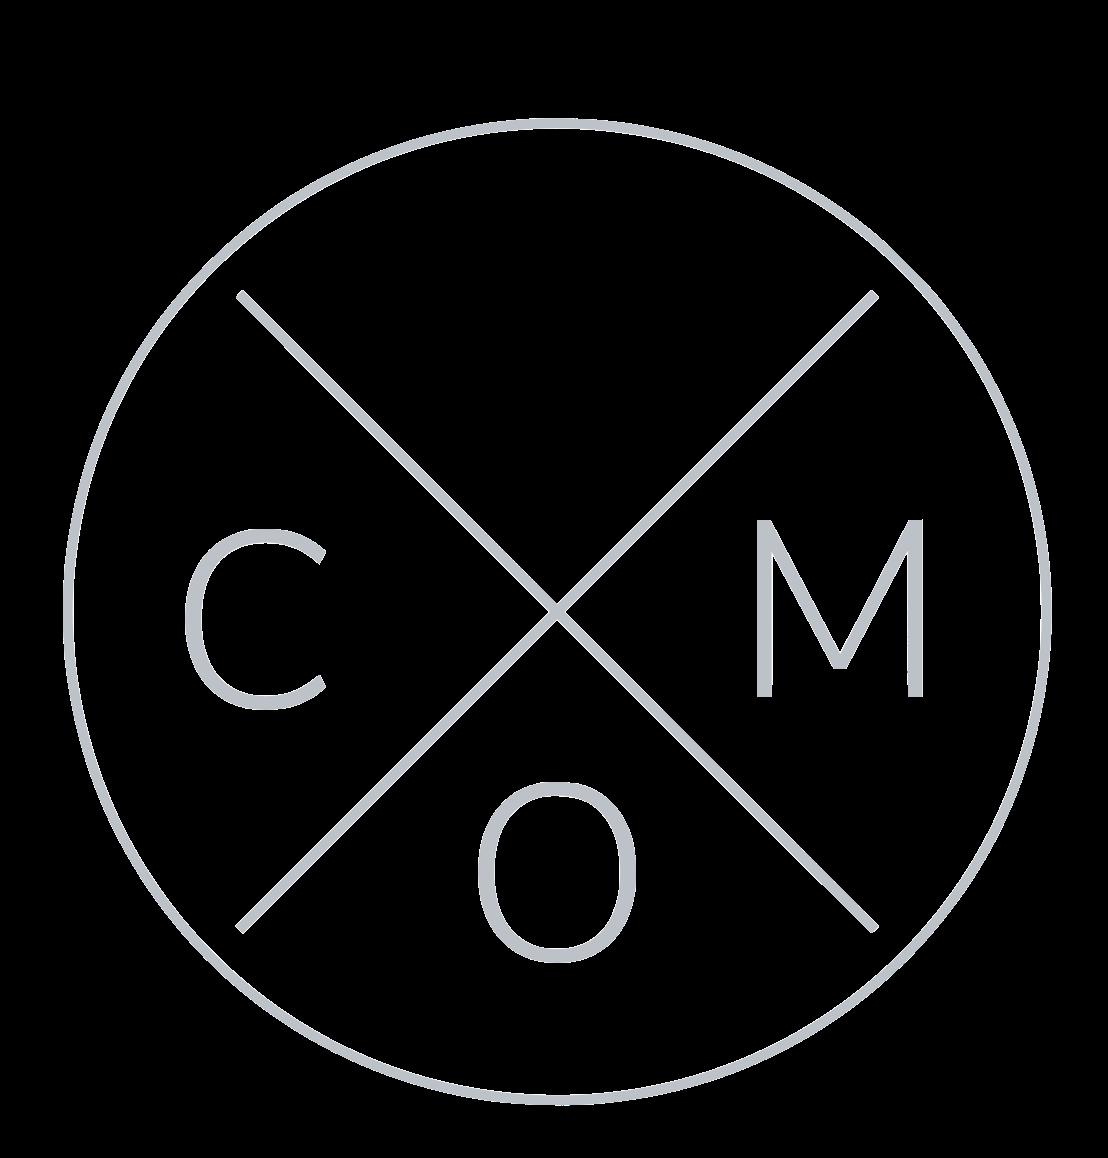 ComX logo